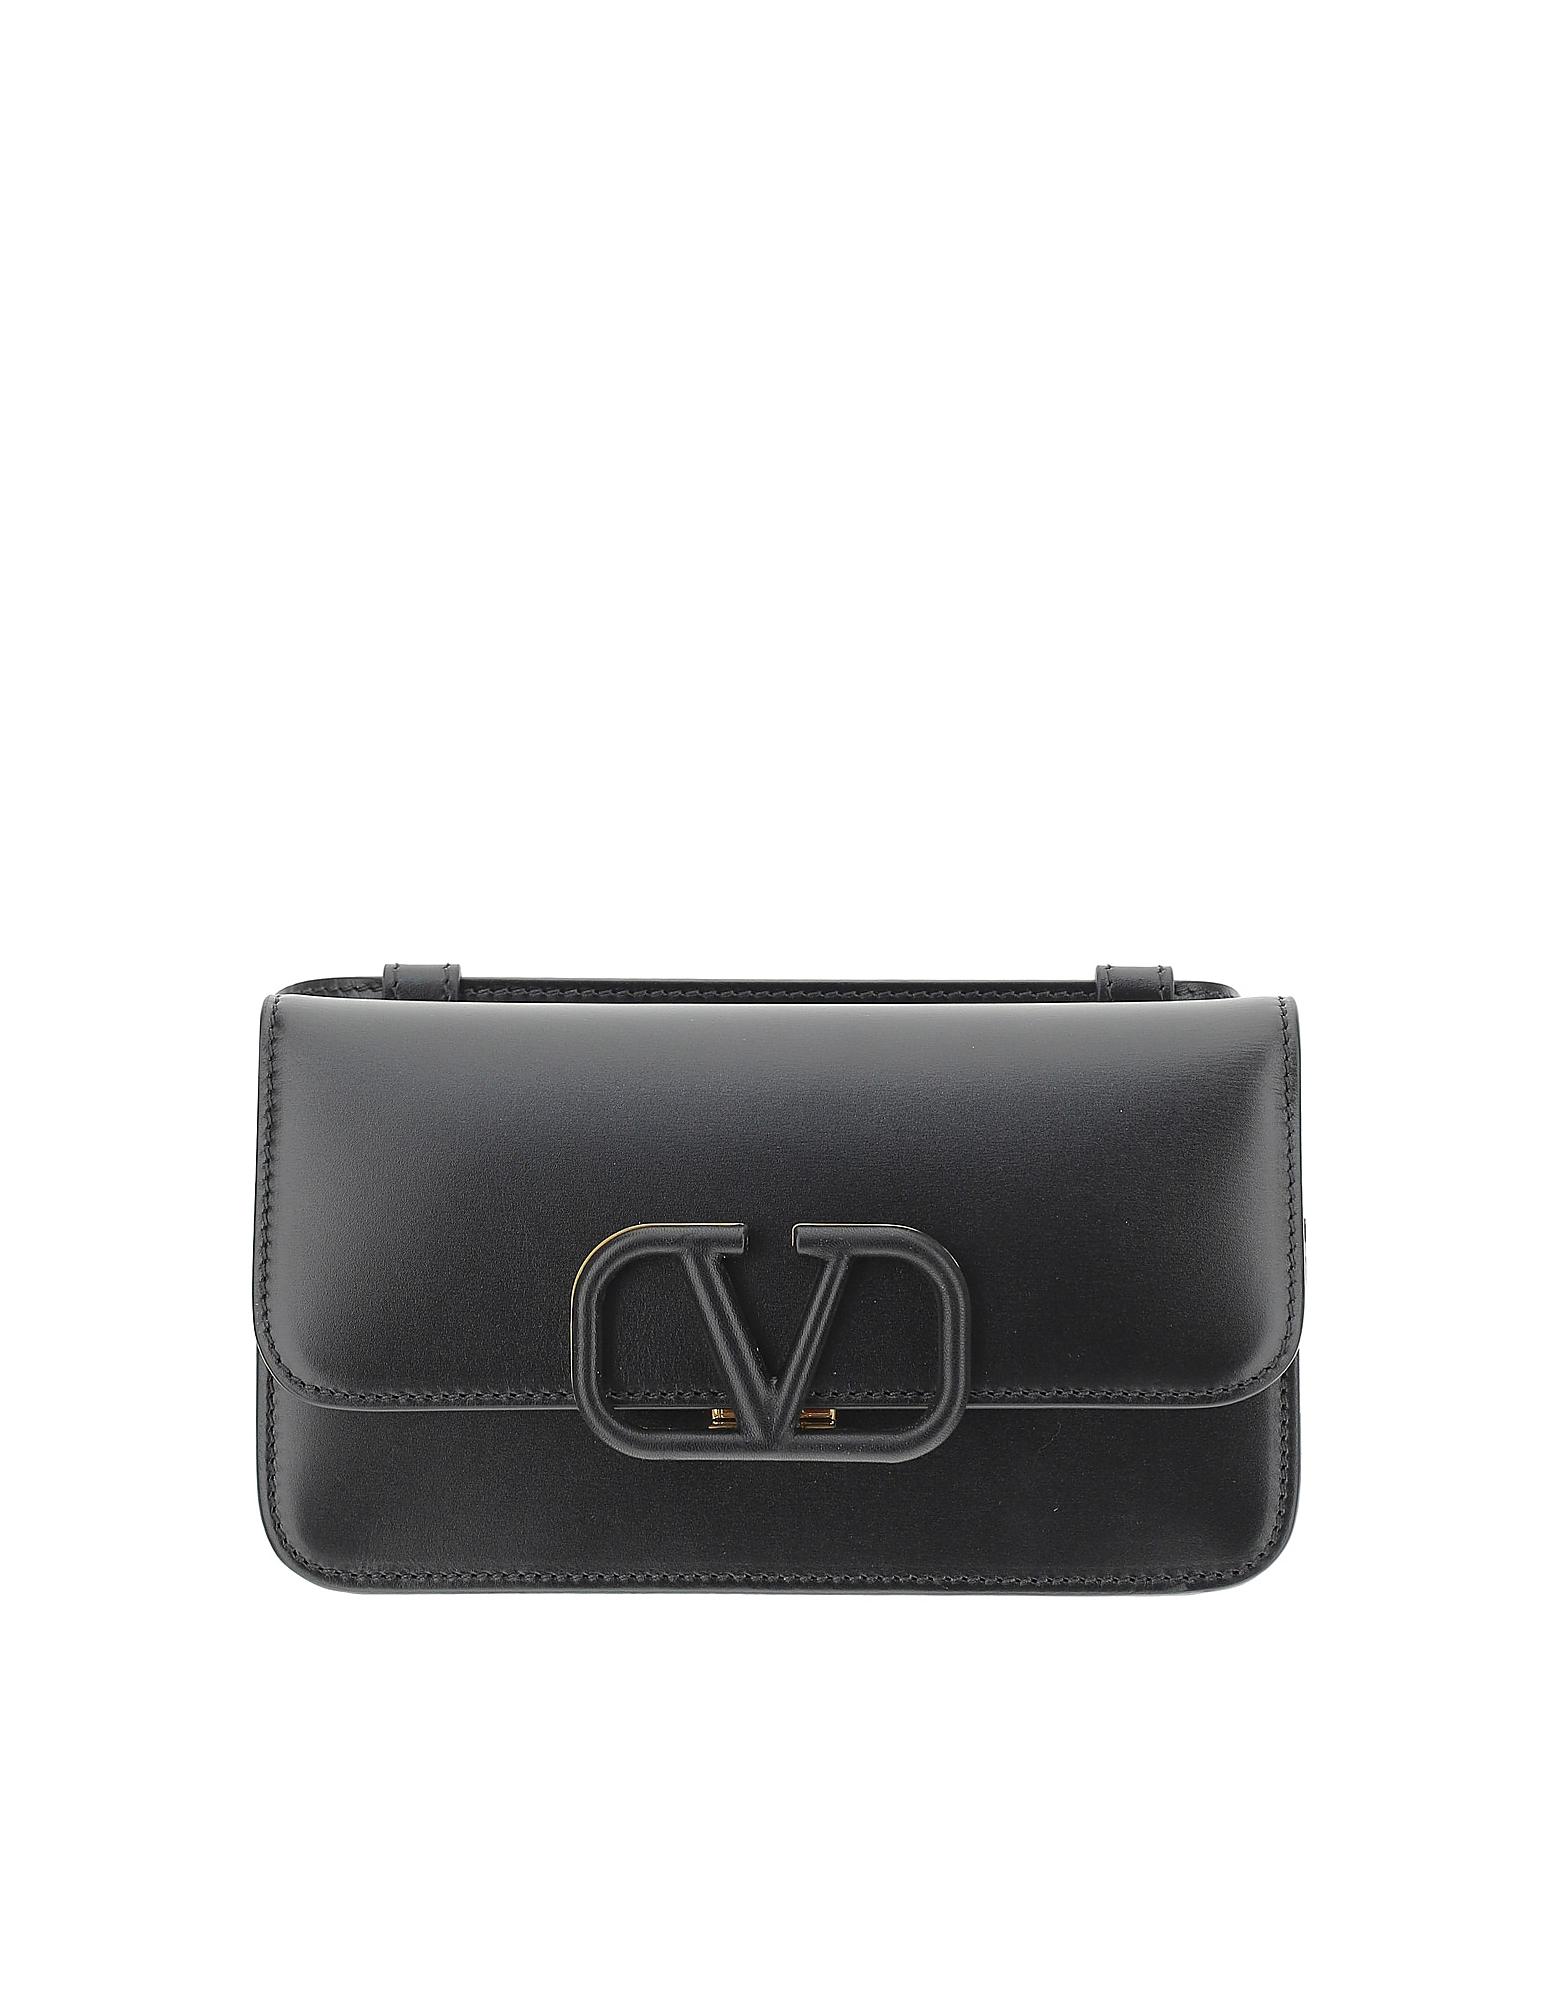 Valentino Designer Handbags, Black Leather Vsling Belt Bag